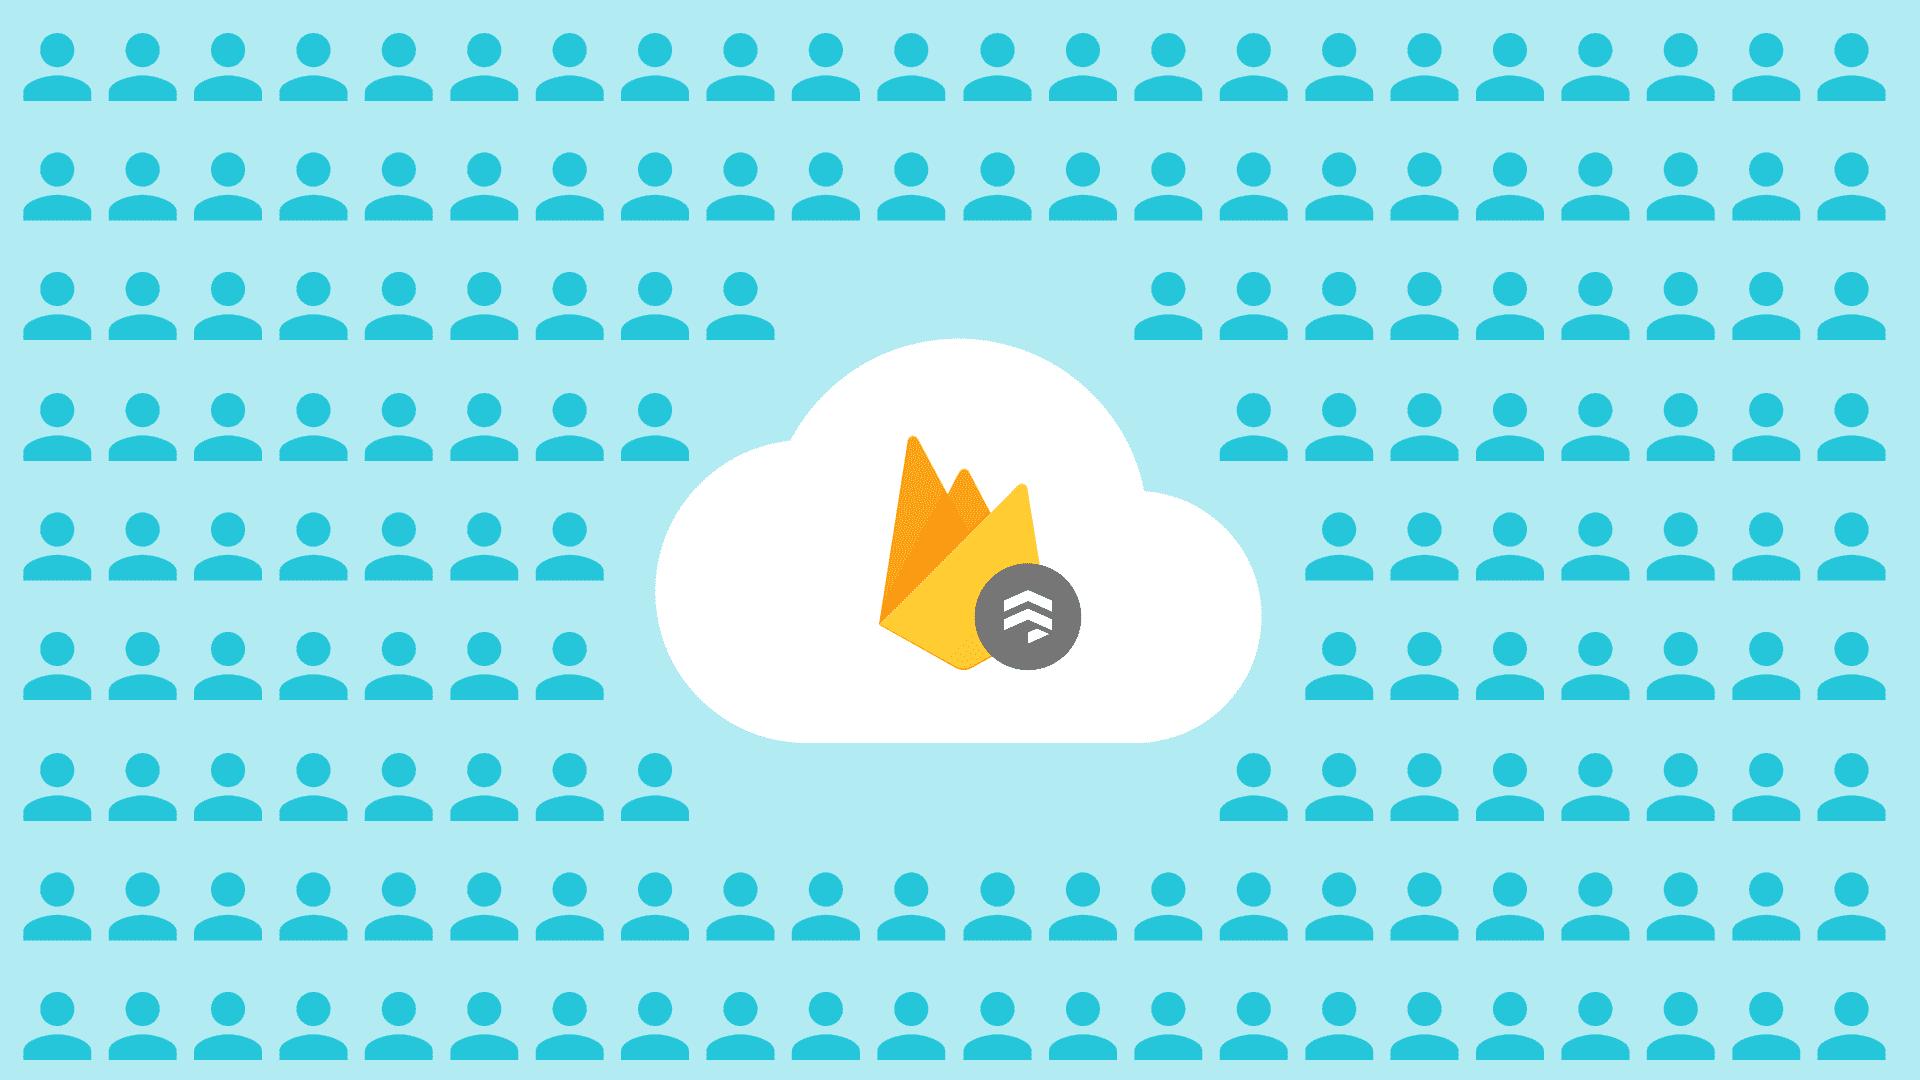 איור של לוגו Firestore Firestore וחברי הקהל